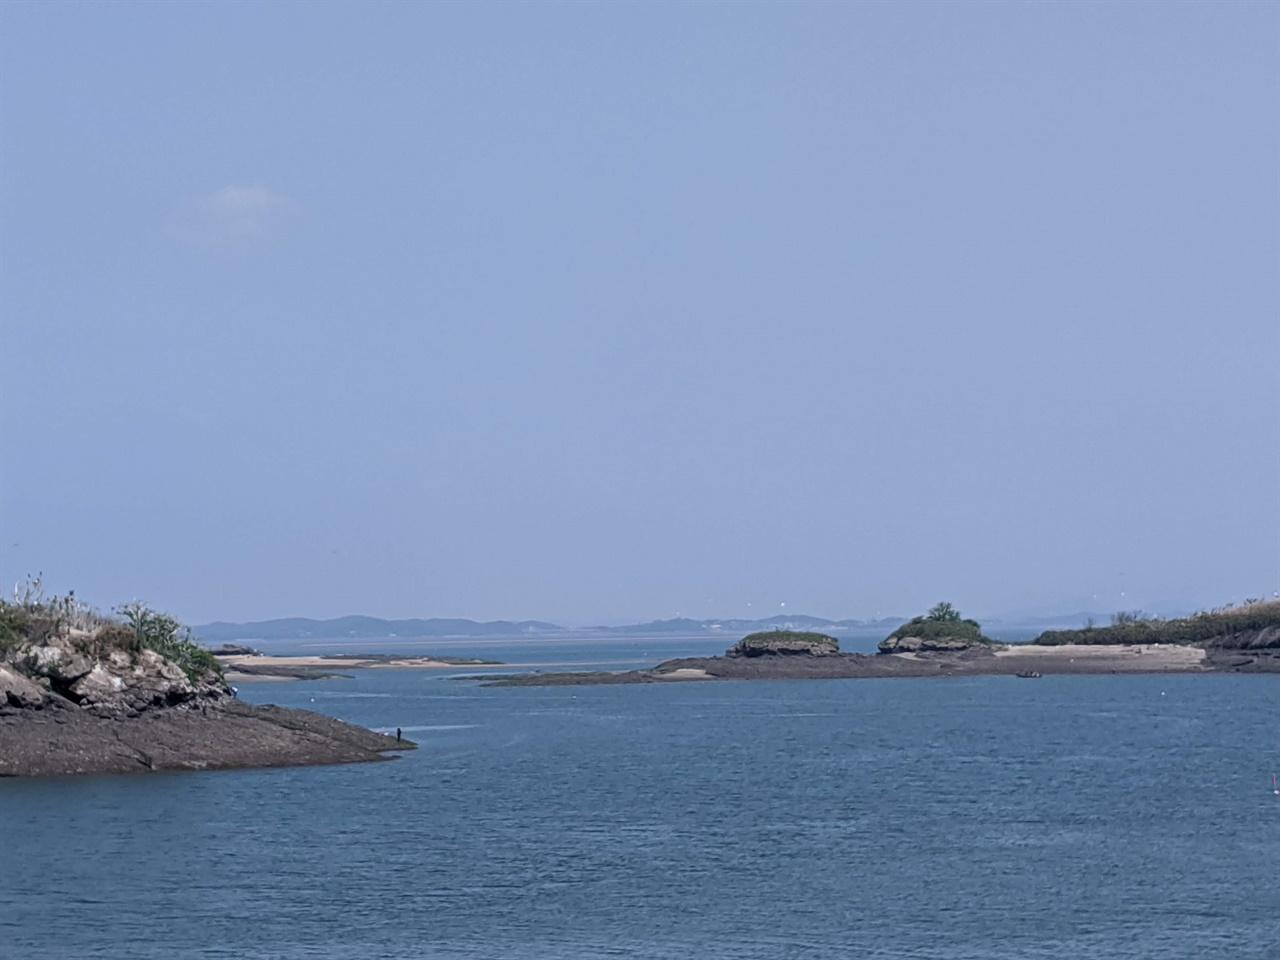 전도에서 오가도를 바라보며 낚싯줄을 내리고 있는 모습 모자 모양의 섬인 전도 아랫쪽의 까만 점이 낚시꾼이고 오른쪽 끝 일부 모습이 나타난 섬이 오가도이다.